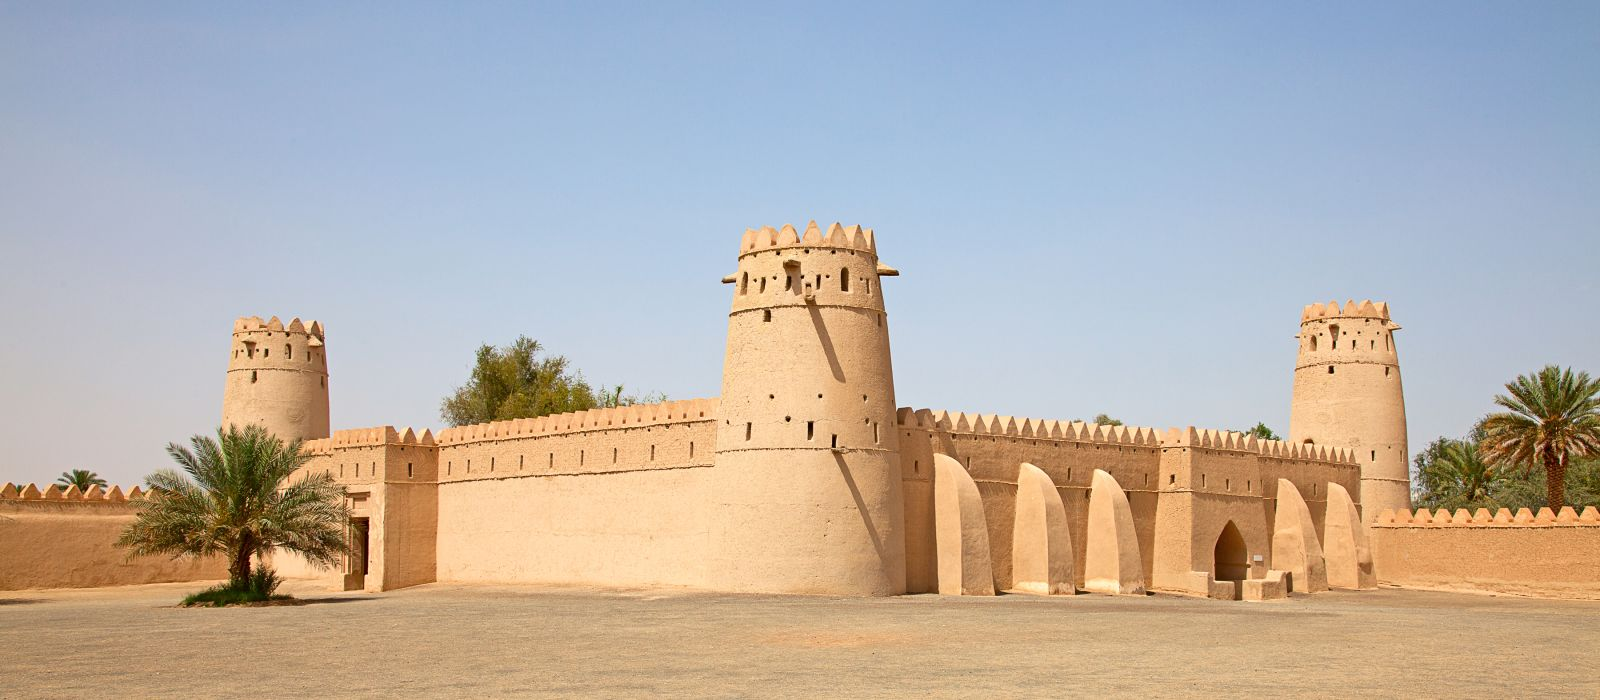 Berühmtes Jahili Fort in der Oase Al Ain, Vereinigte Arabische Emirate